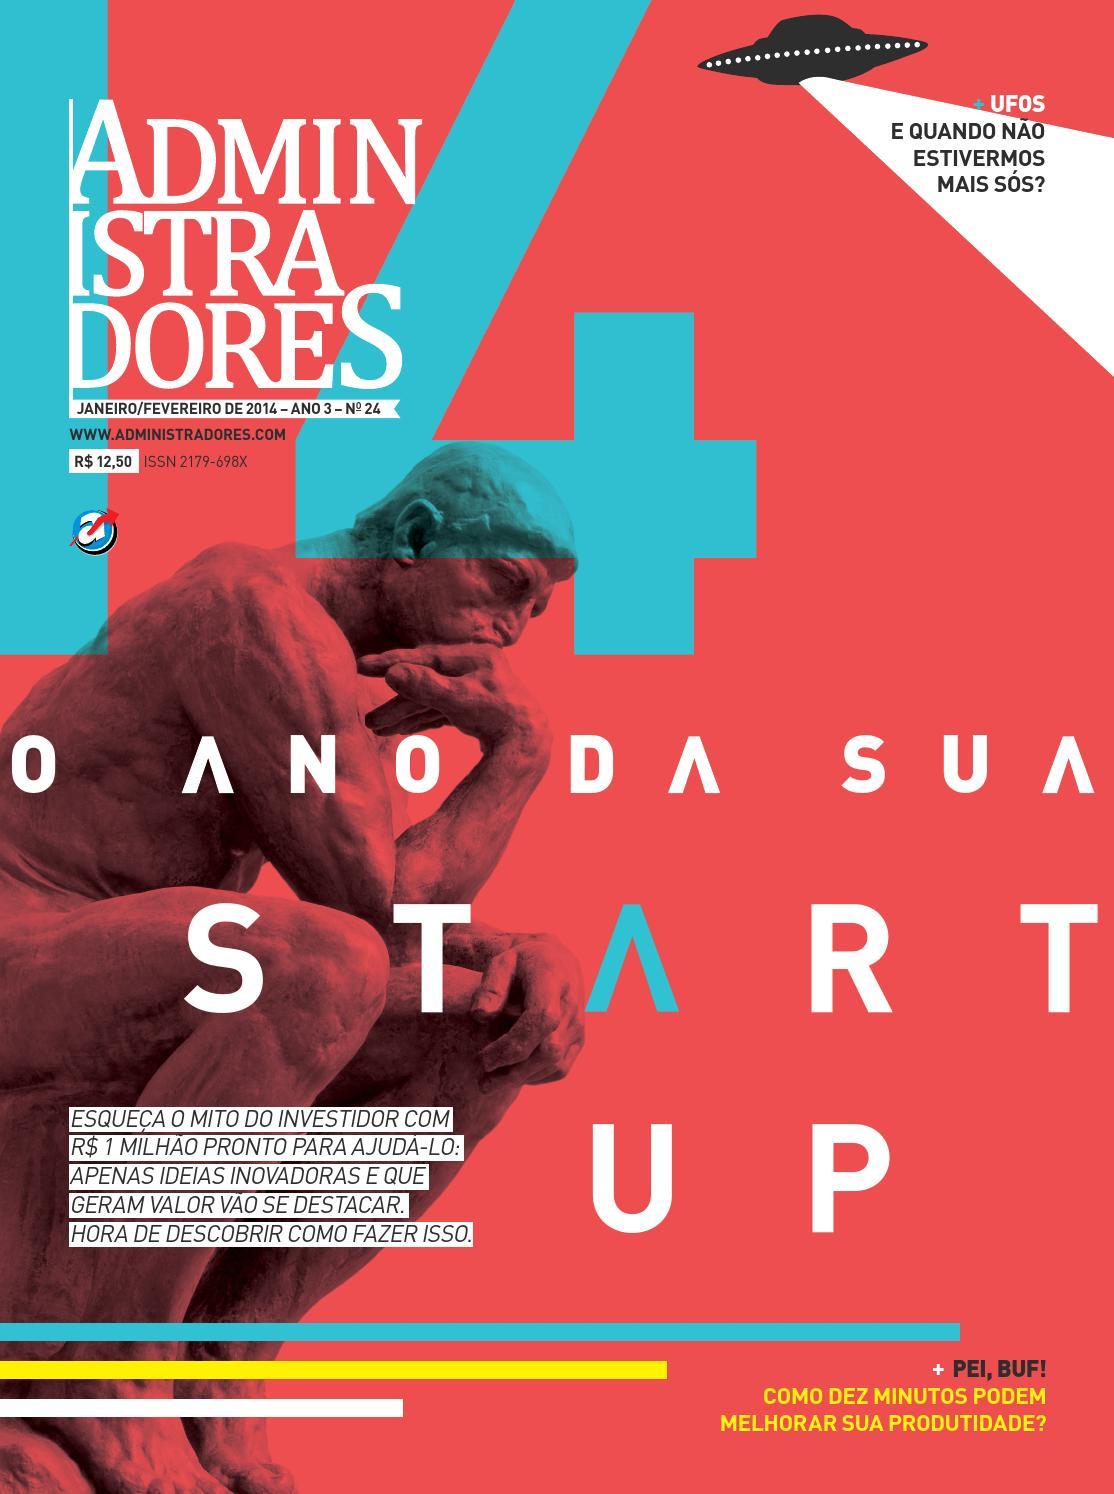 8df5ec94f8  24 O ano da sua startup by Revista Administradores - issuu